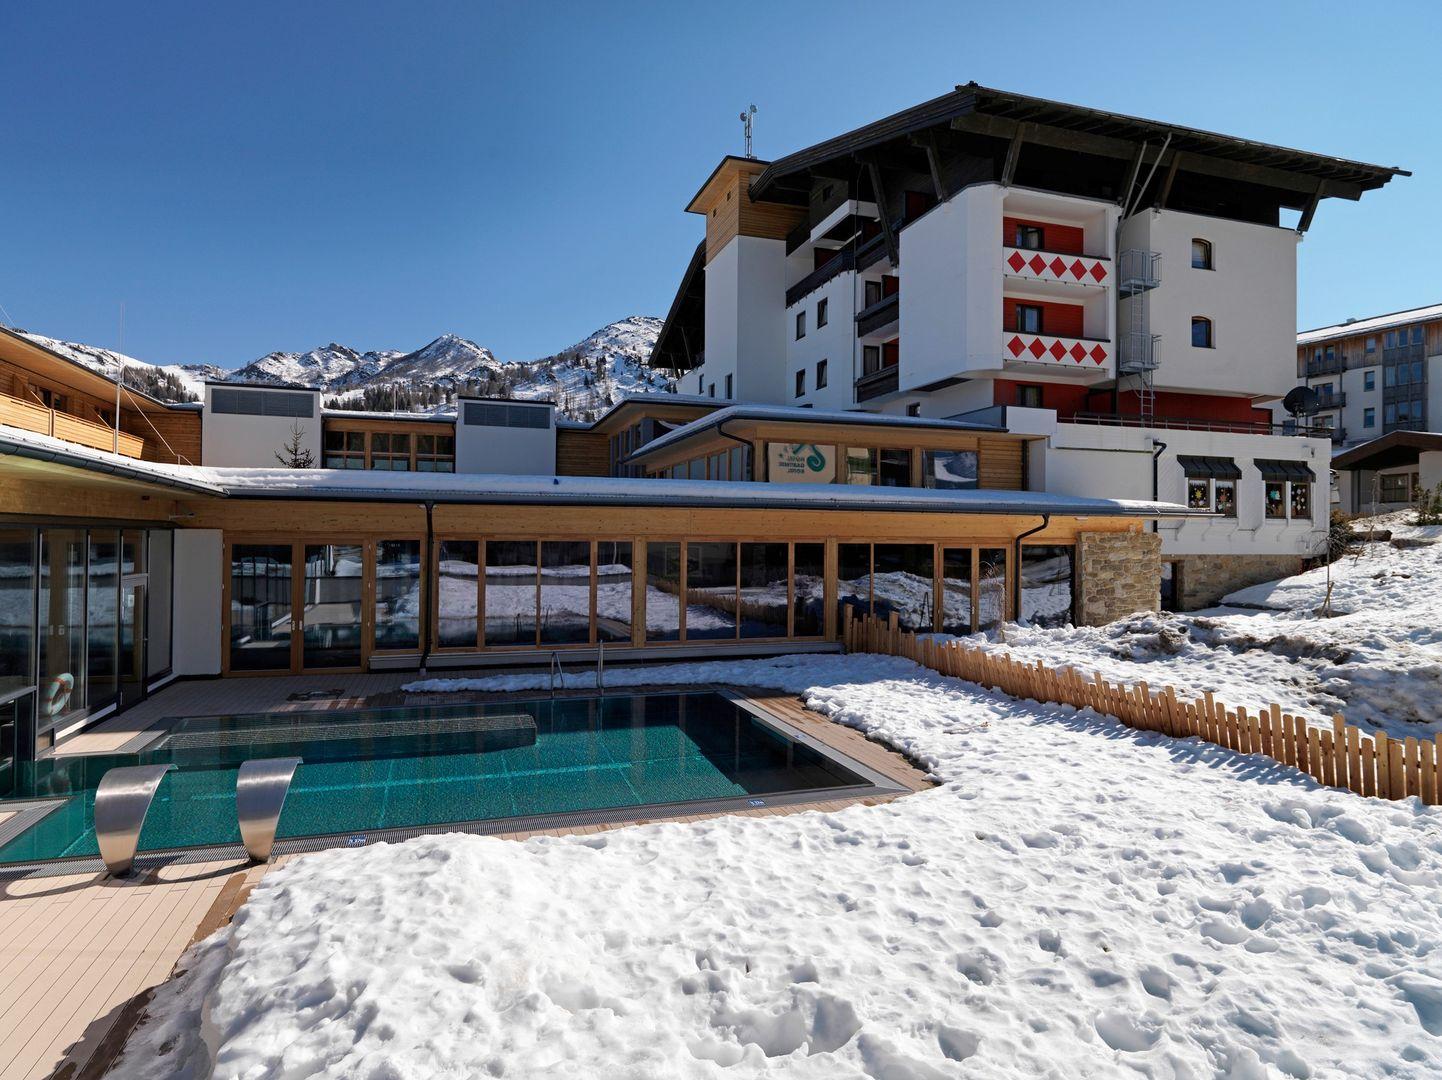 Falkensteiner Hotel Sonnenalpe - Slide 1